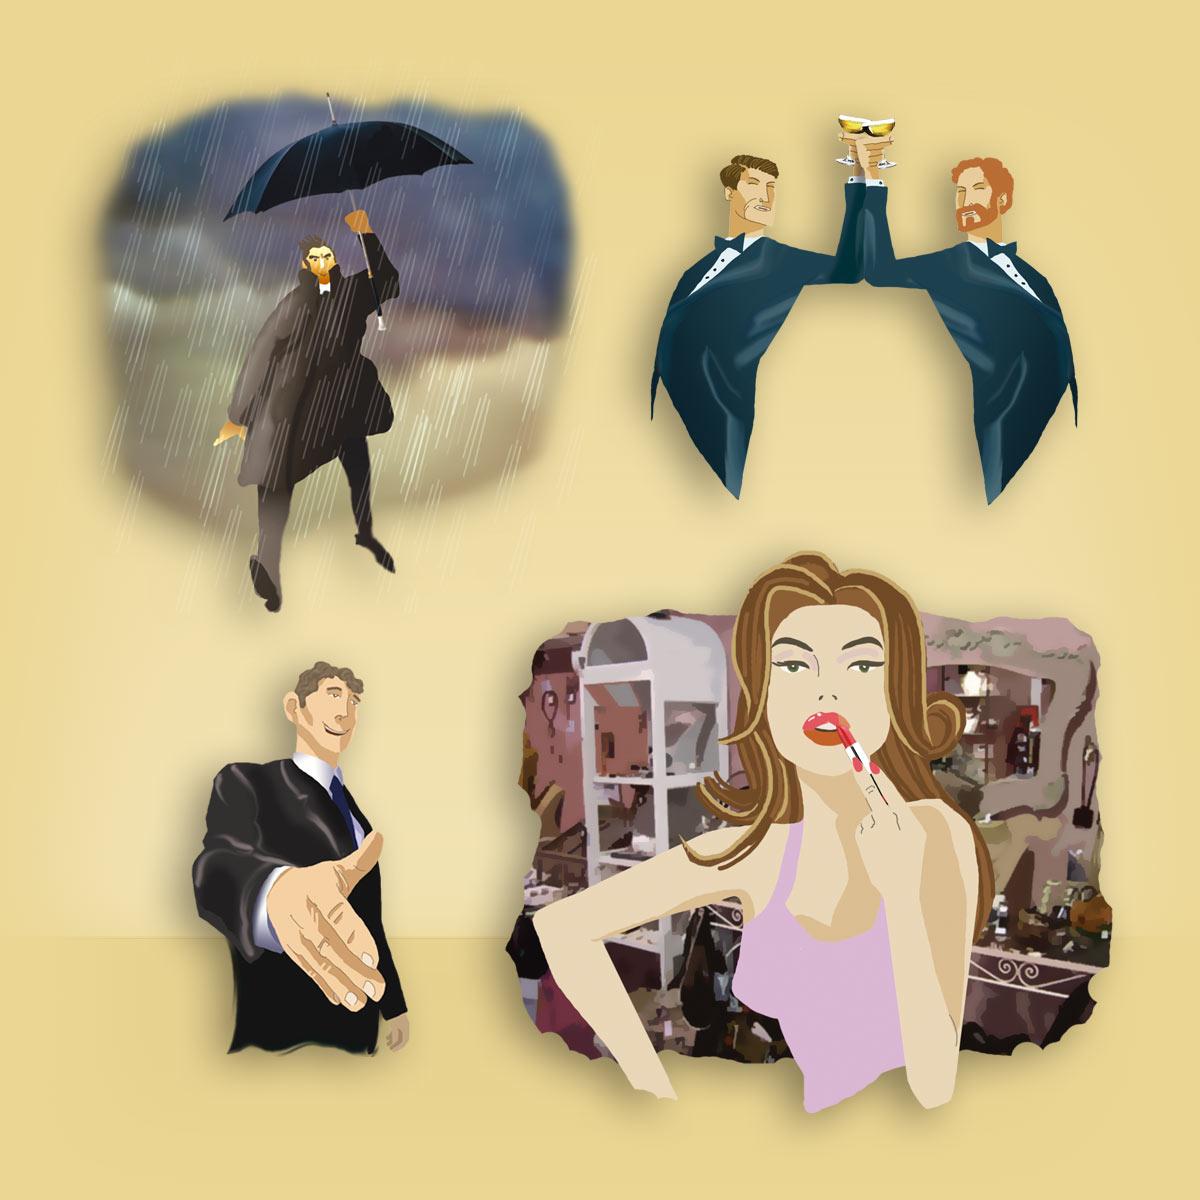 Ilustración curso Aspic